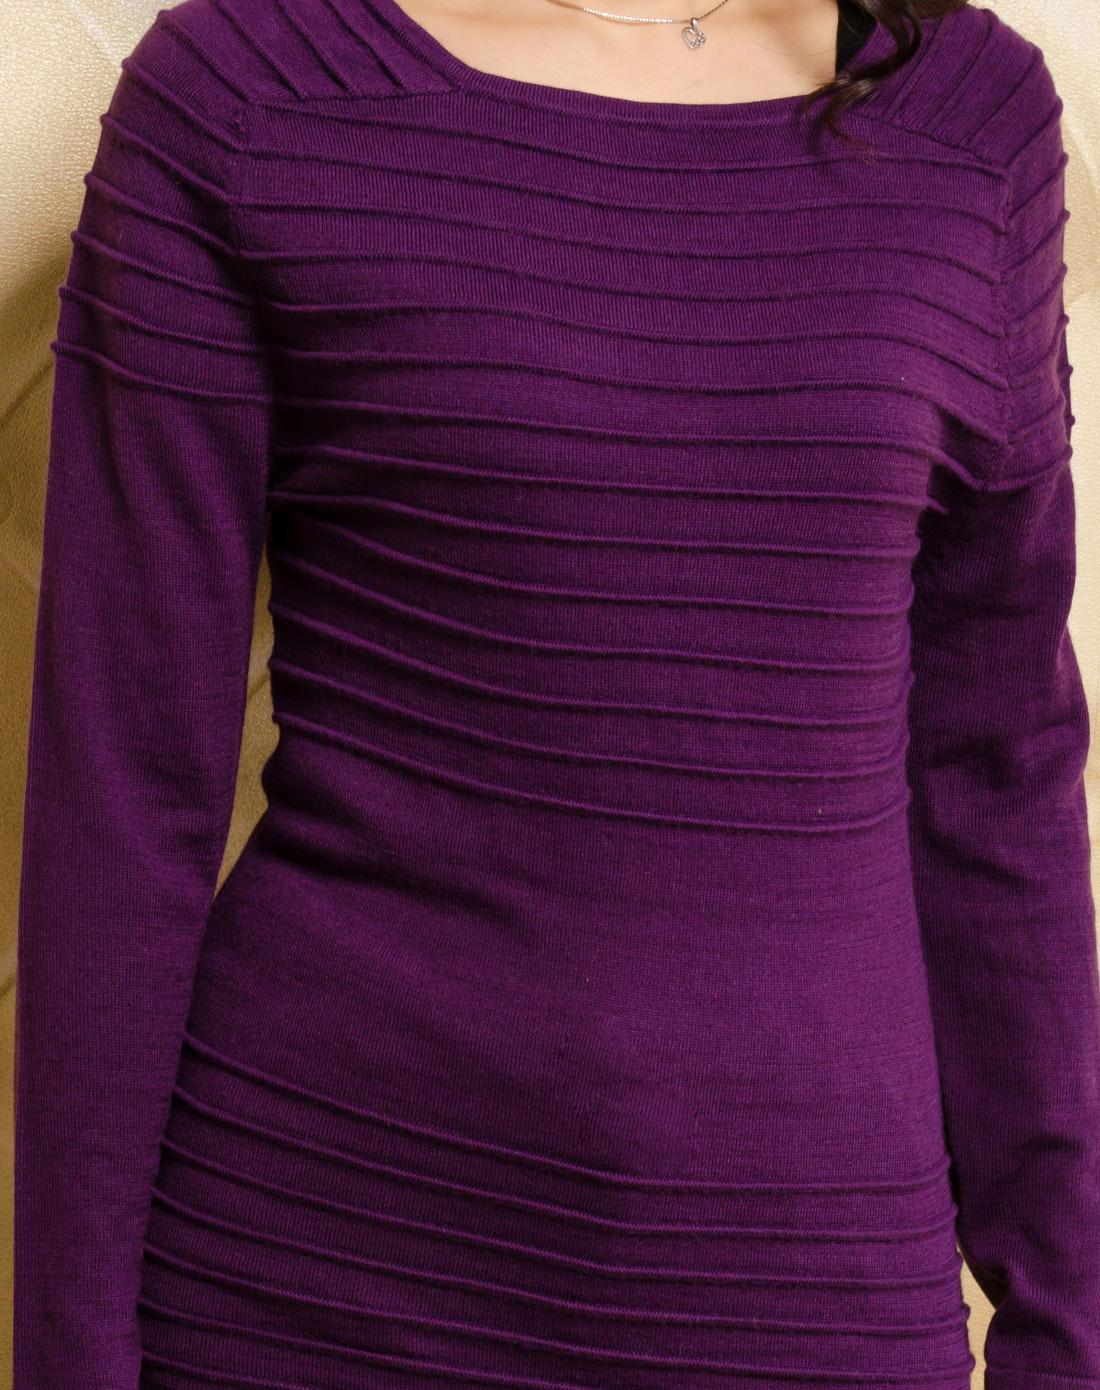 azino-紫色立体条纹连衣裙款毛衣2a5916